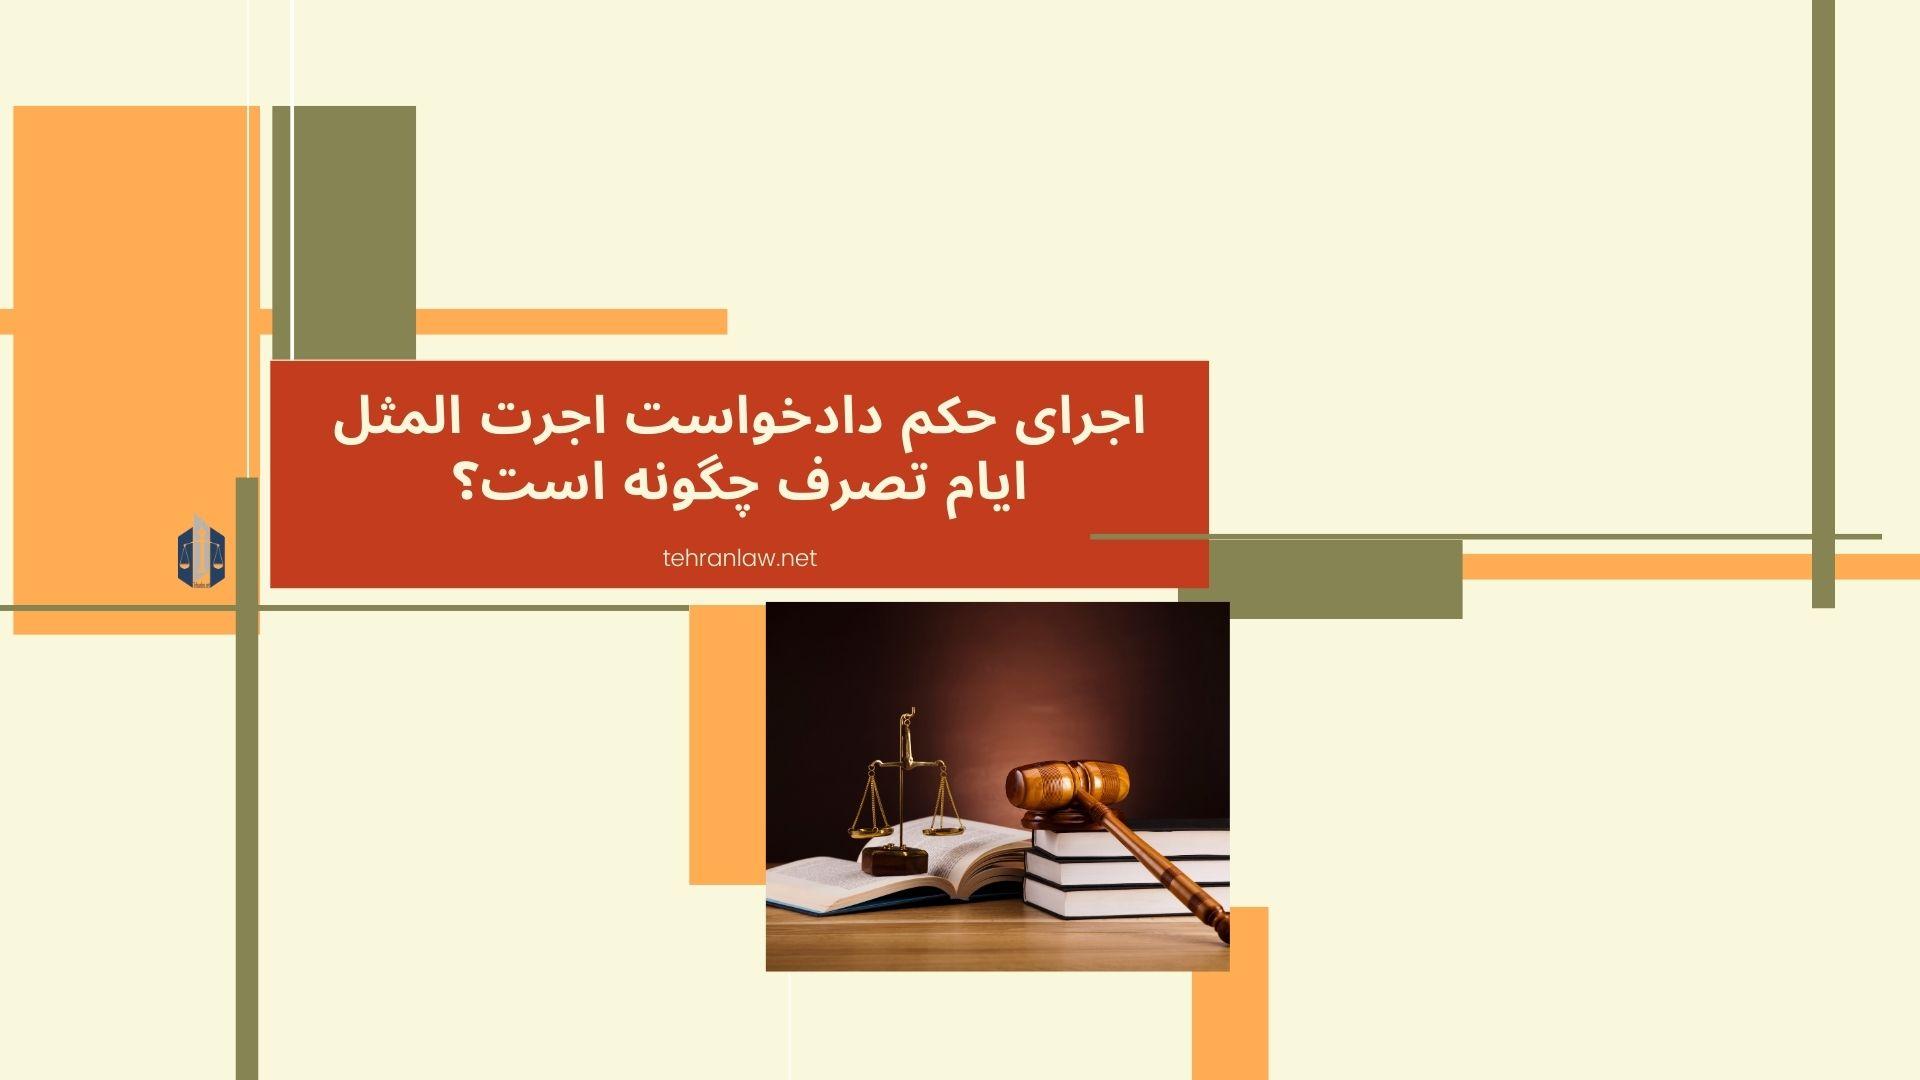 اجرای حکم دادخواست اجرت المثل ایام تصرف چگونه است؟